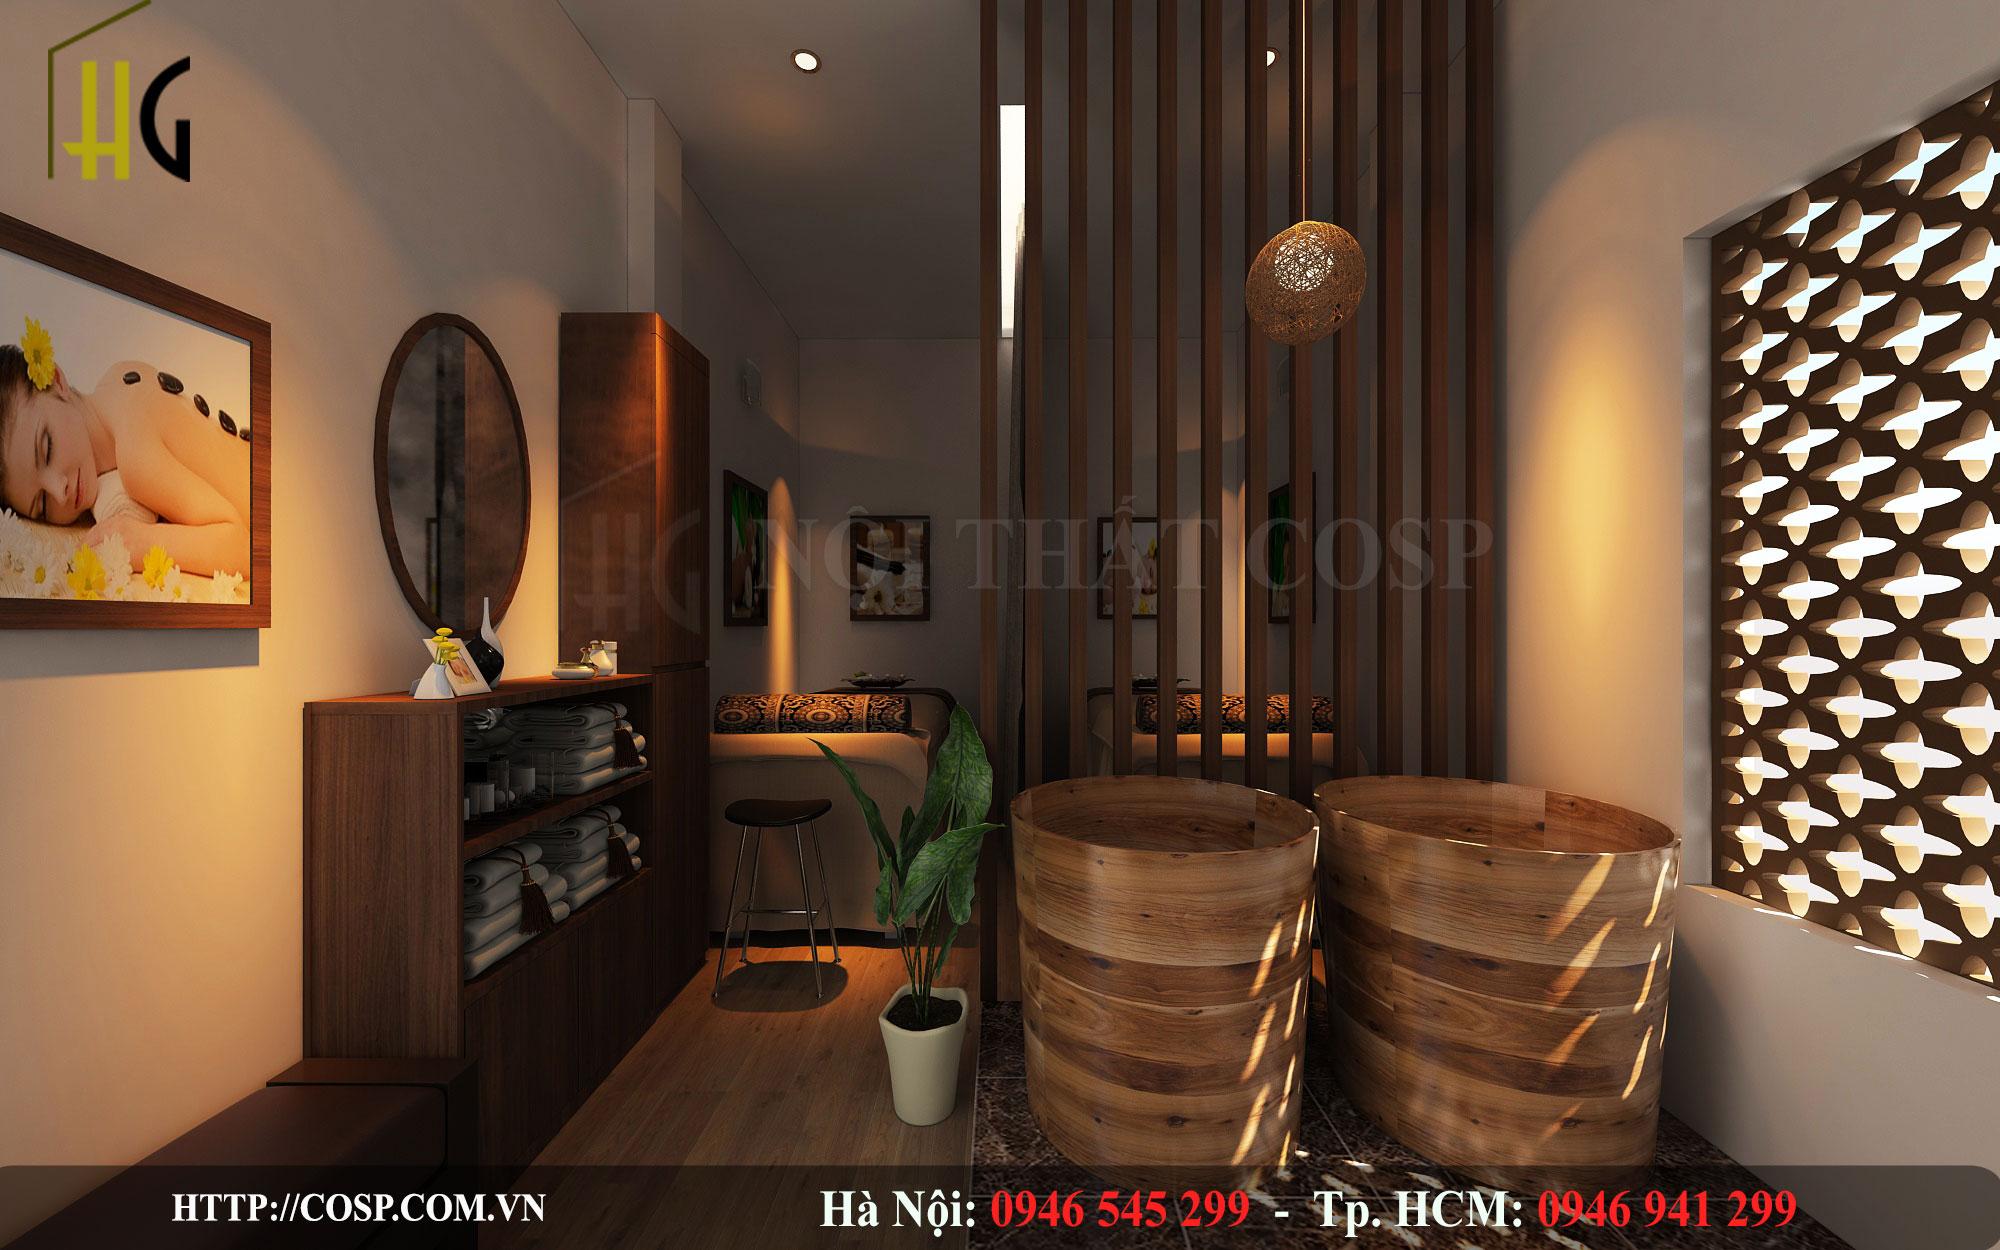 Thiết kế phòng massage Cô Bếch- uông Bí, Quảng Ninh